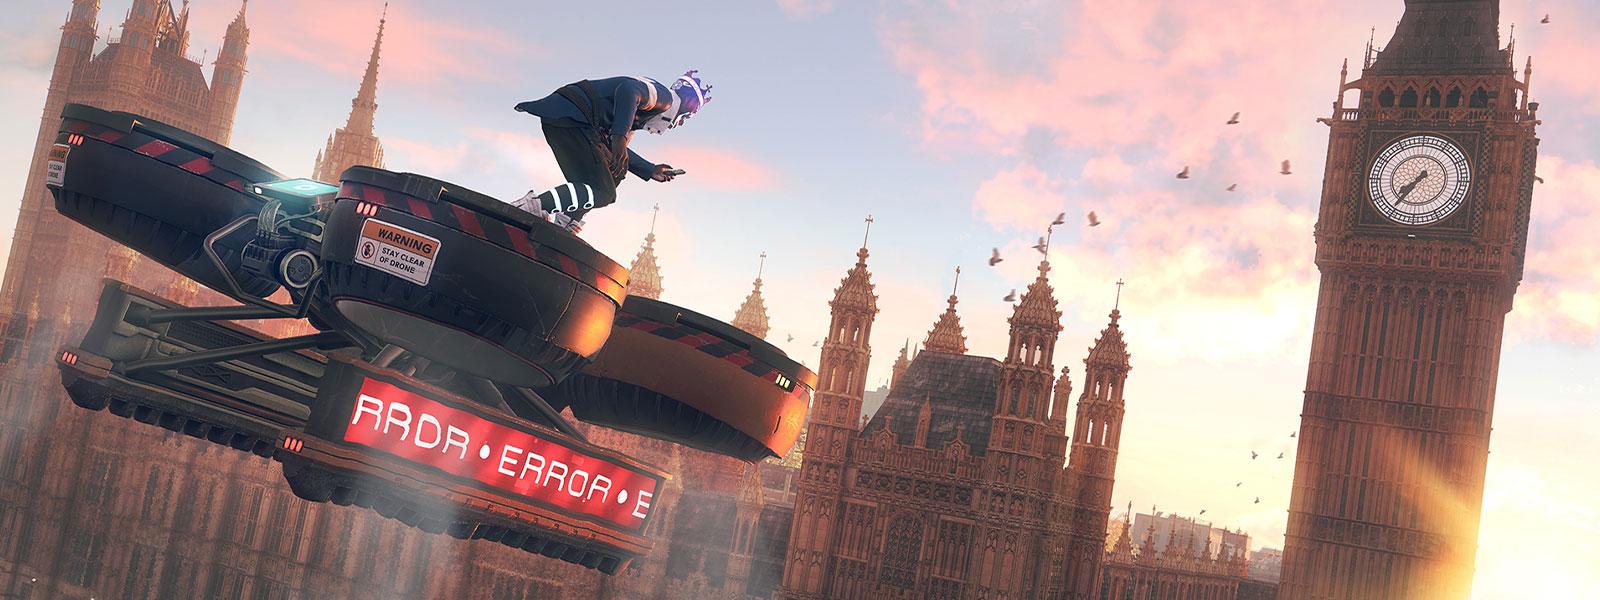 Big Ben'e doğru uçan büyük bir dronun üzerinde karakter